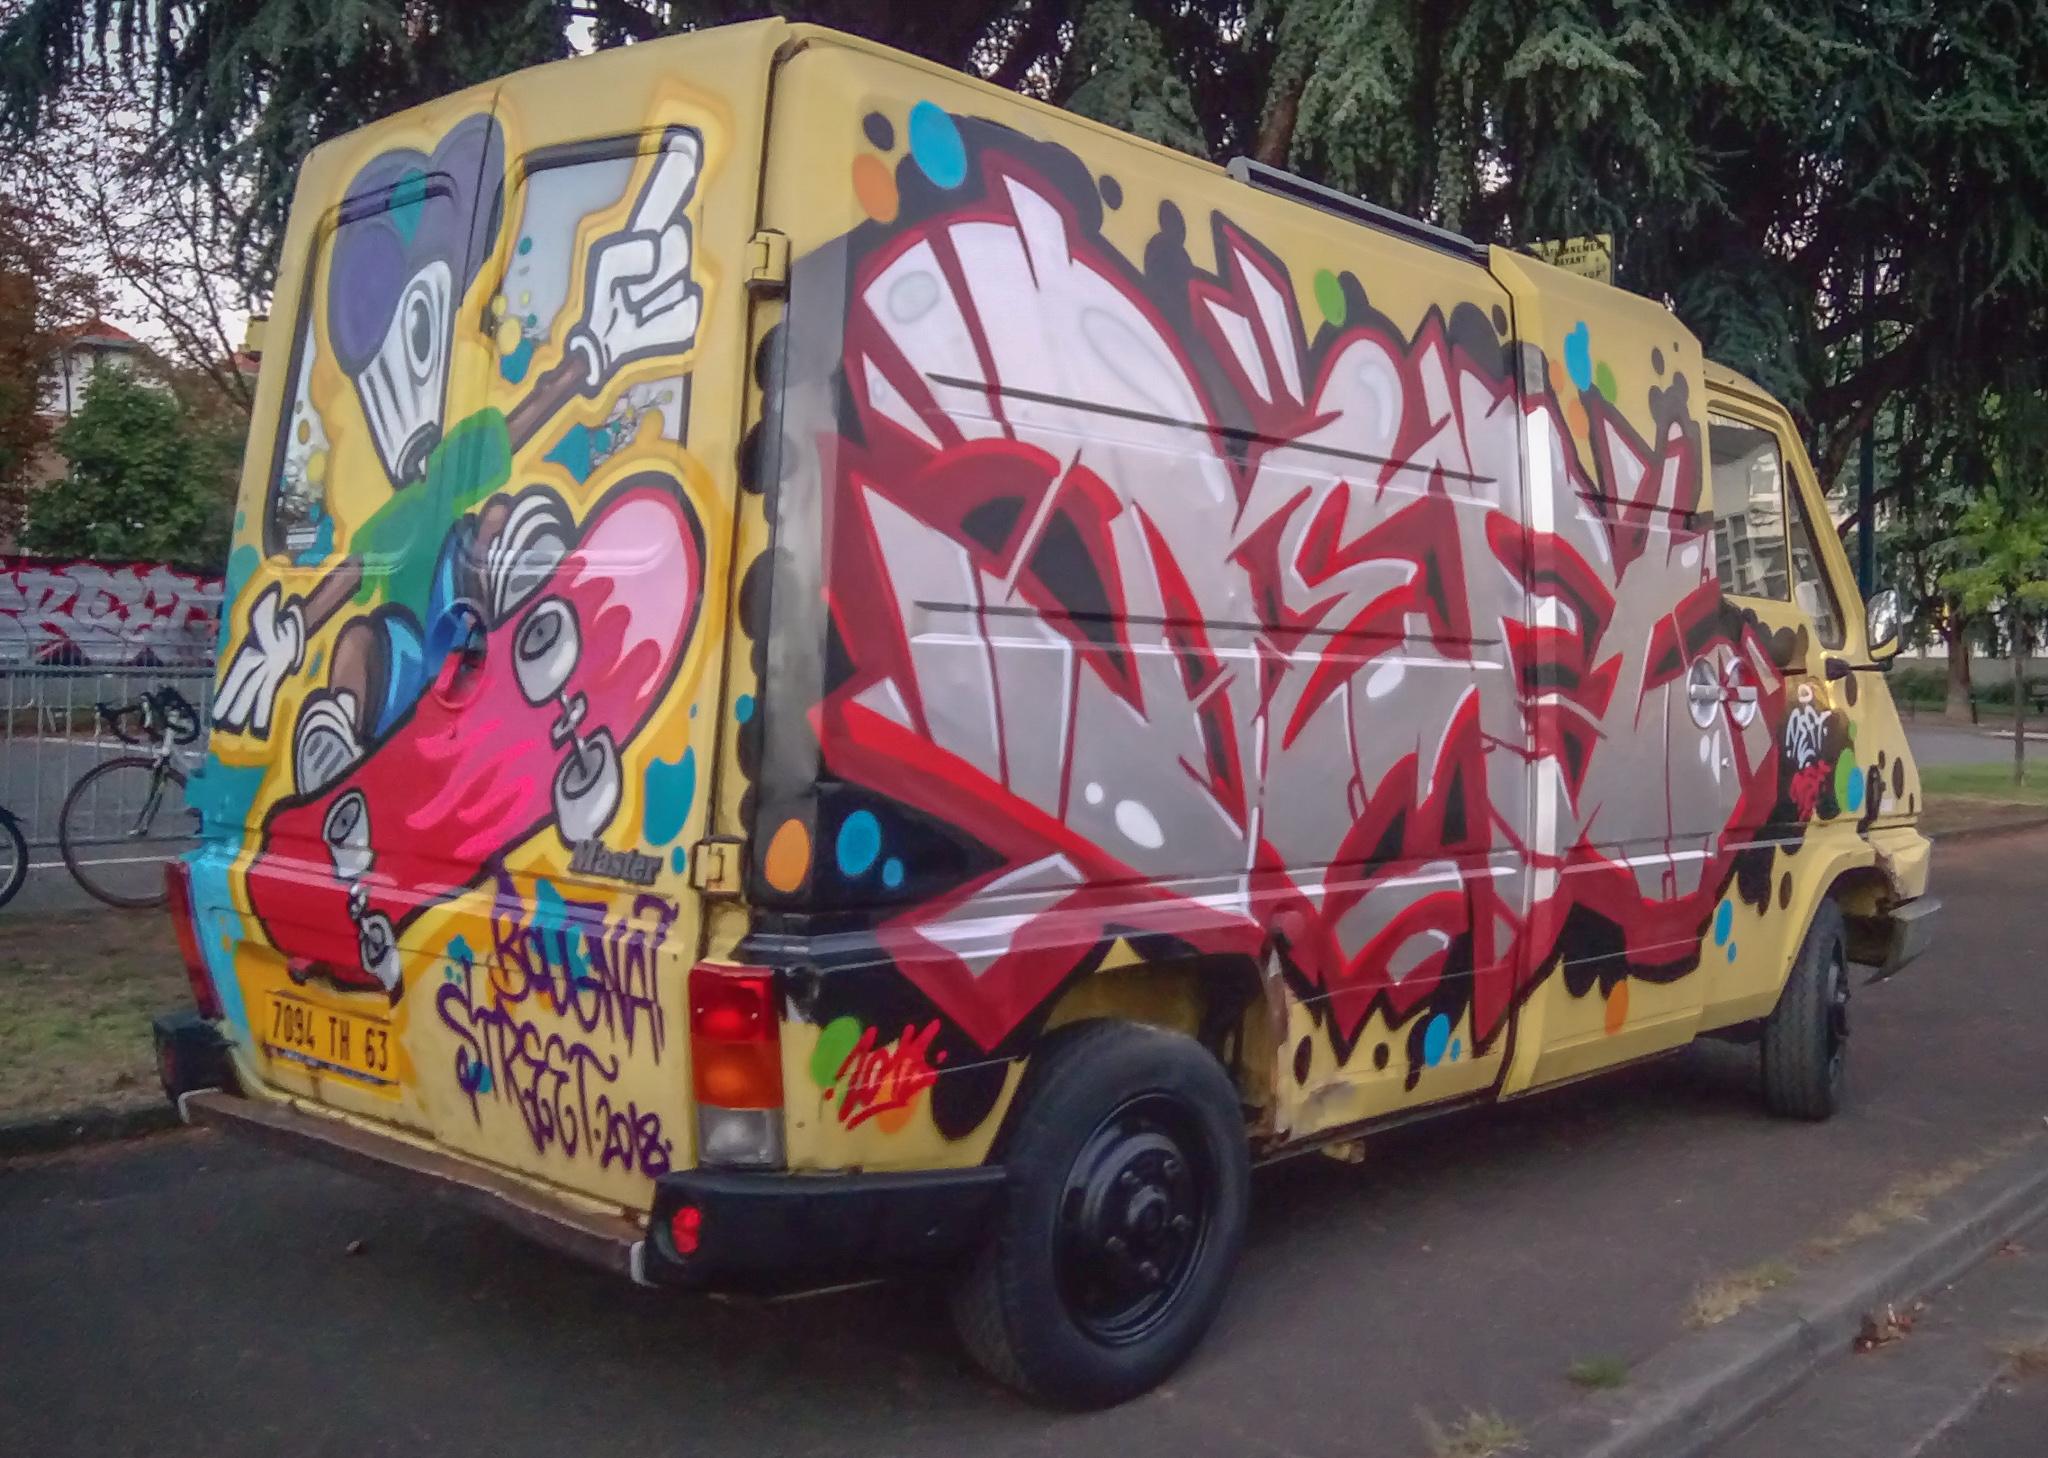 Deft - Bougnat Street Festival - Graffiti